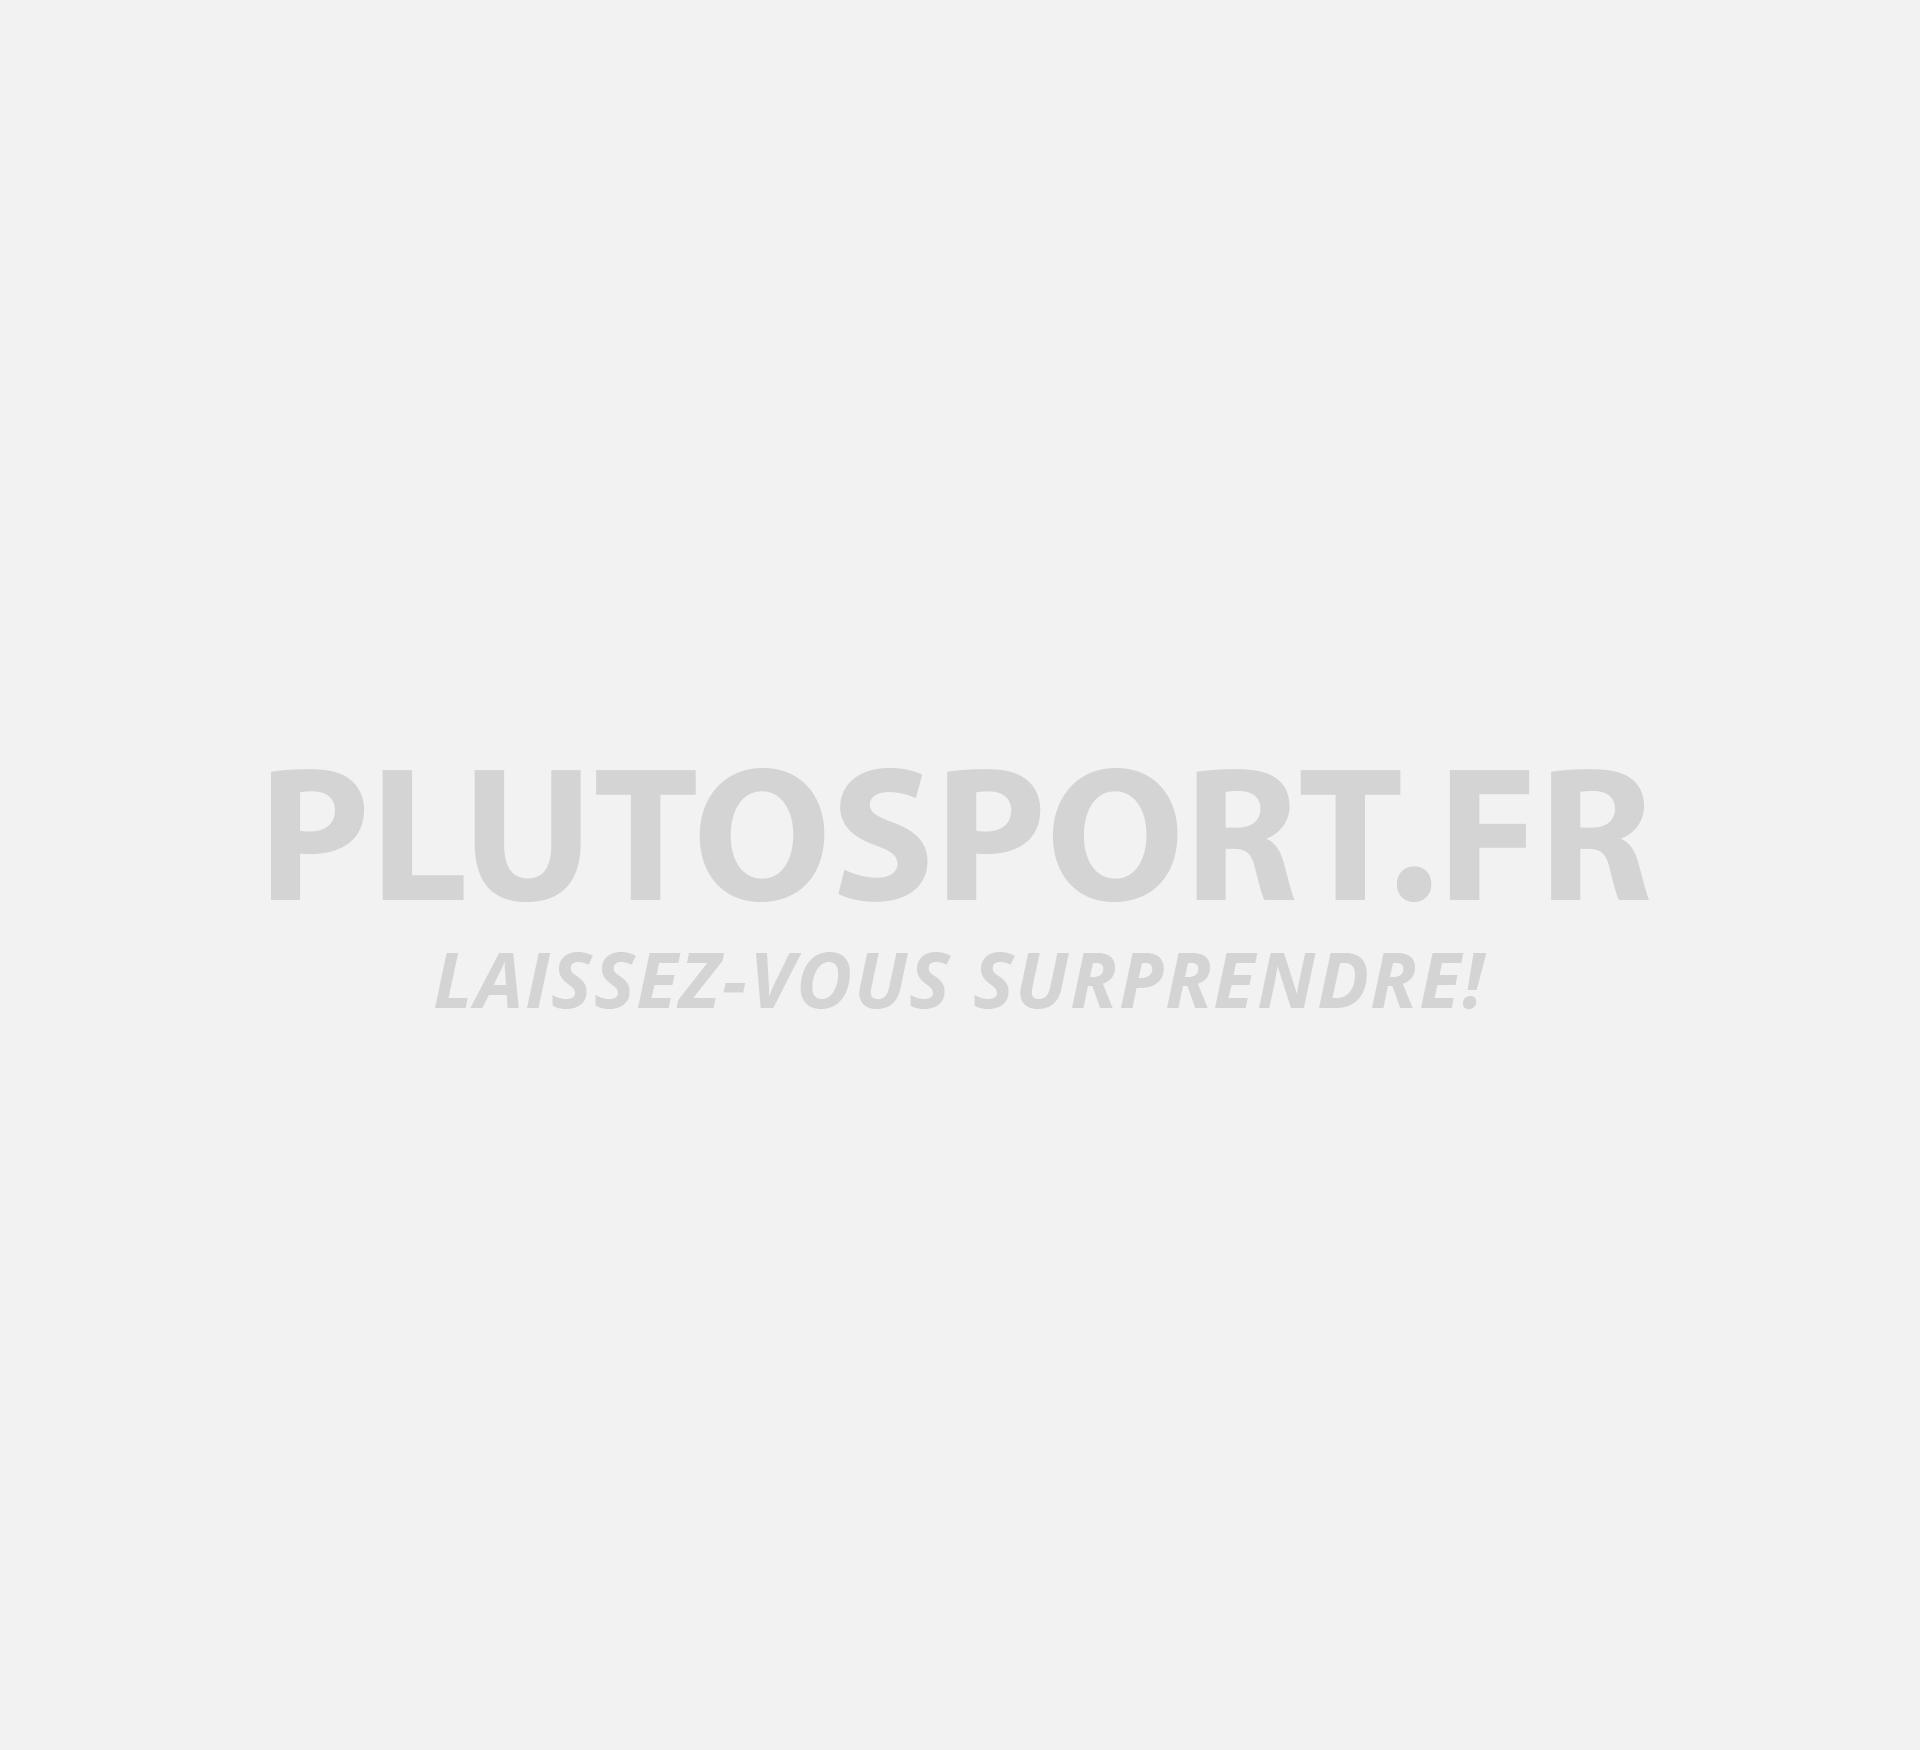 Chaussettes Tommy Hilfiger Classic Femme (lot de 6)